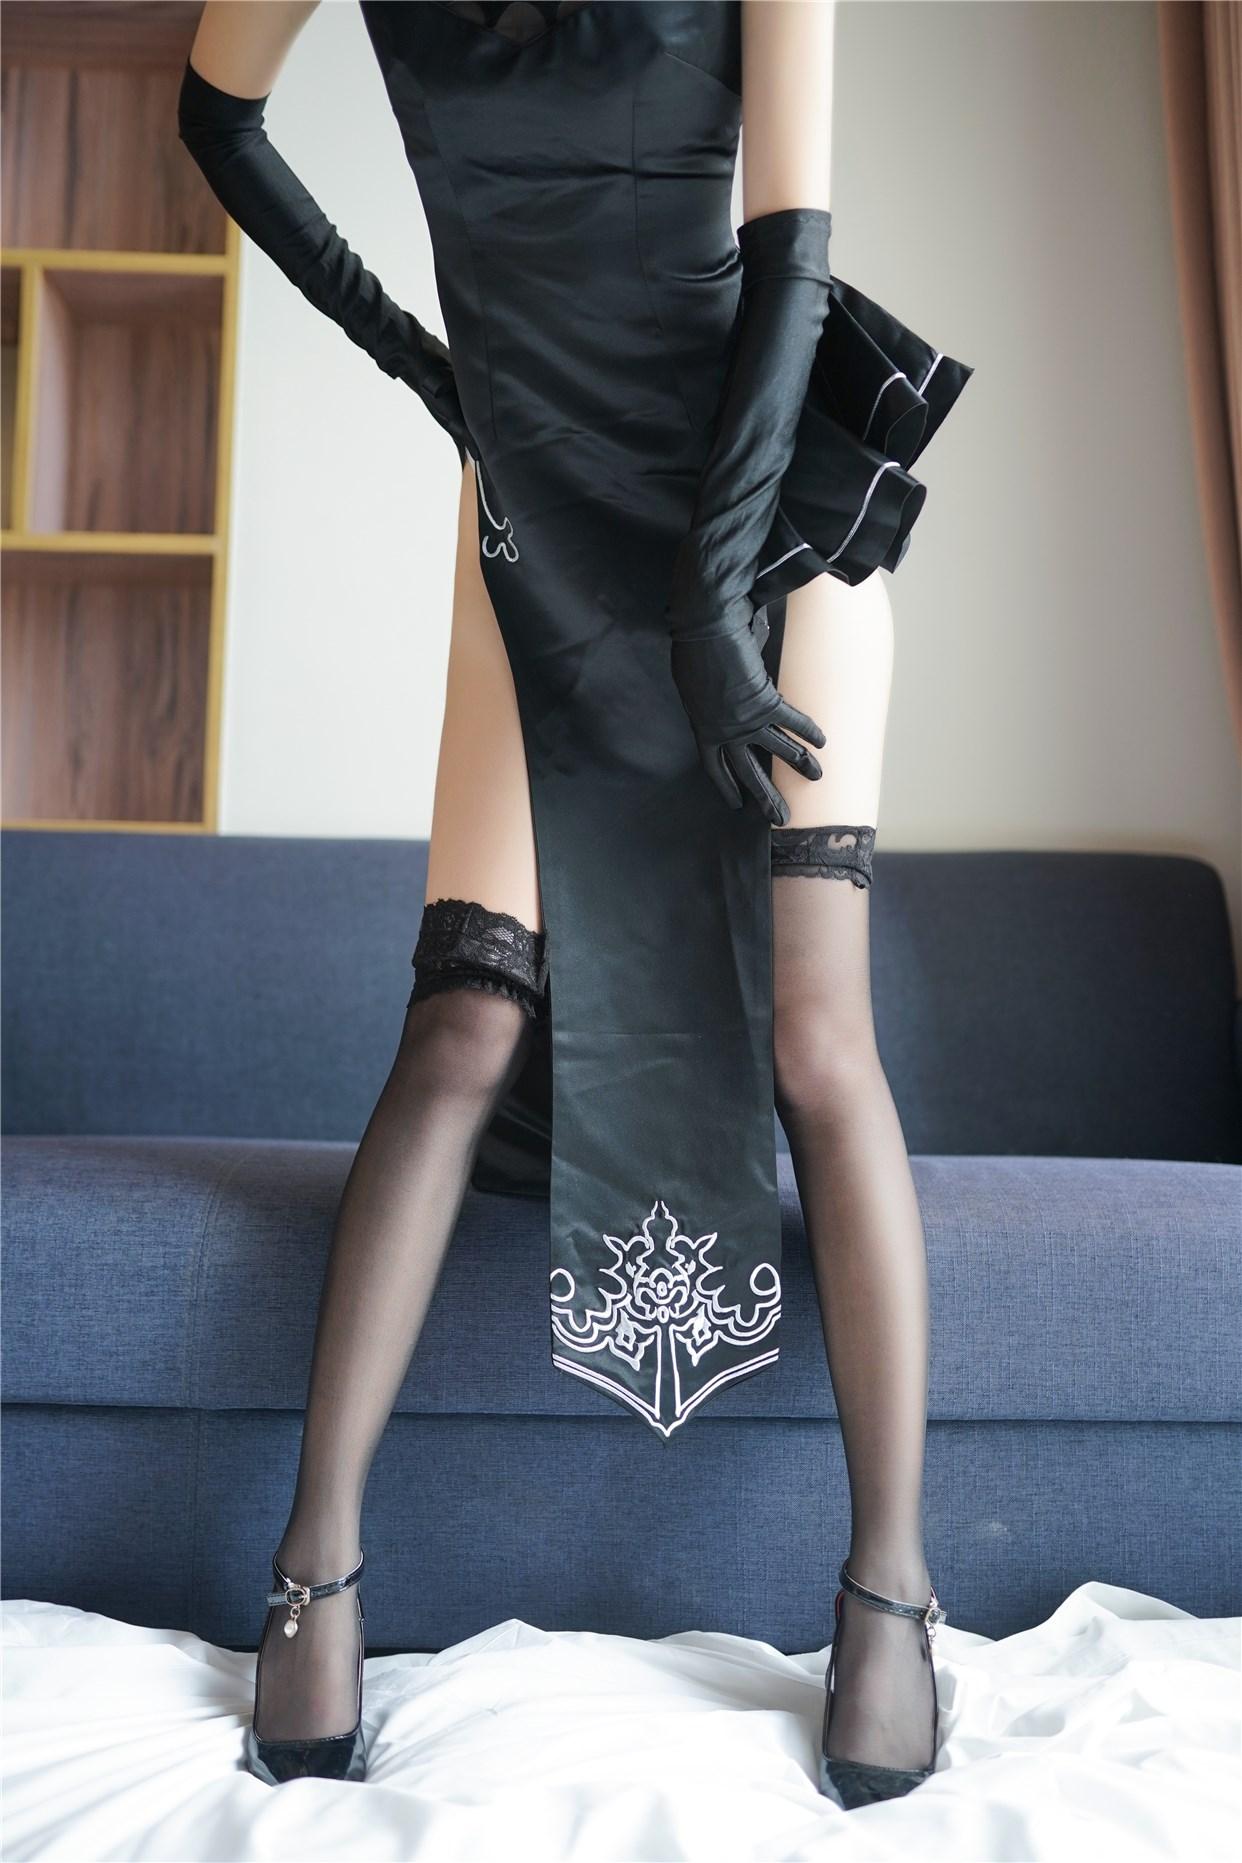 【兔玩映画】旗袍小姐姐好腿! 兔玩映画 第11张